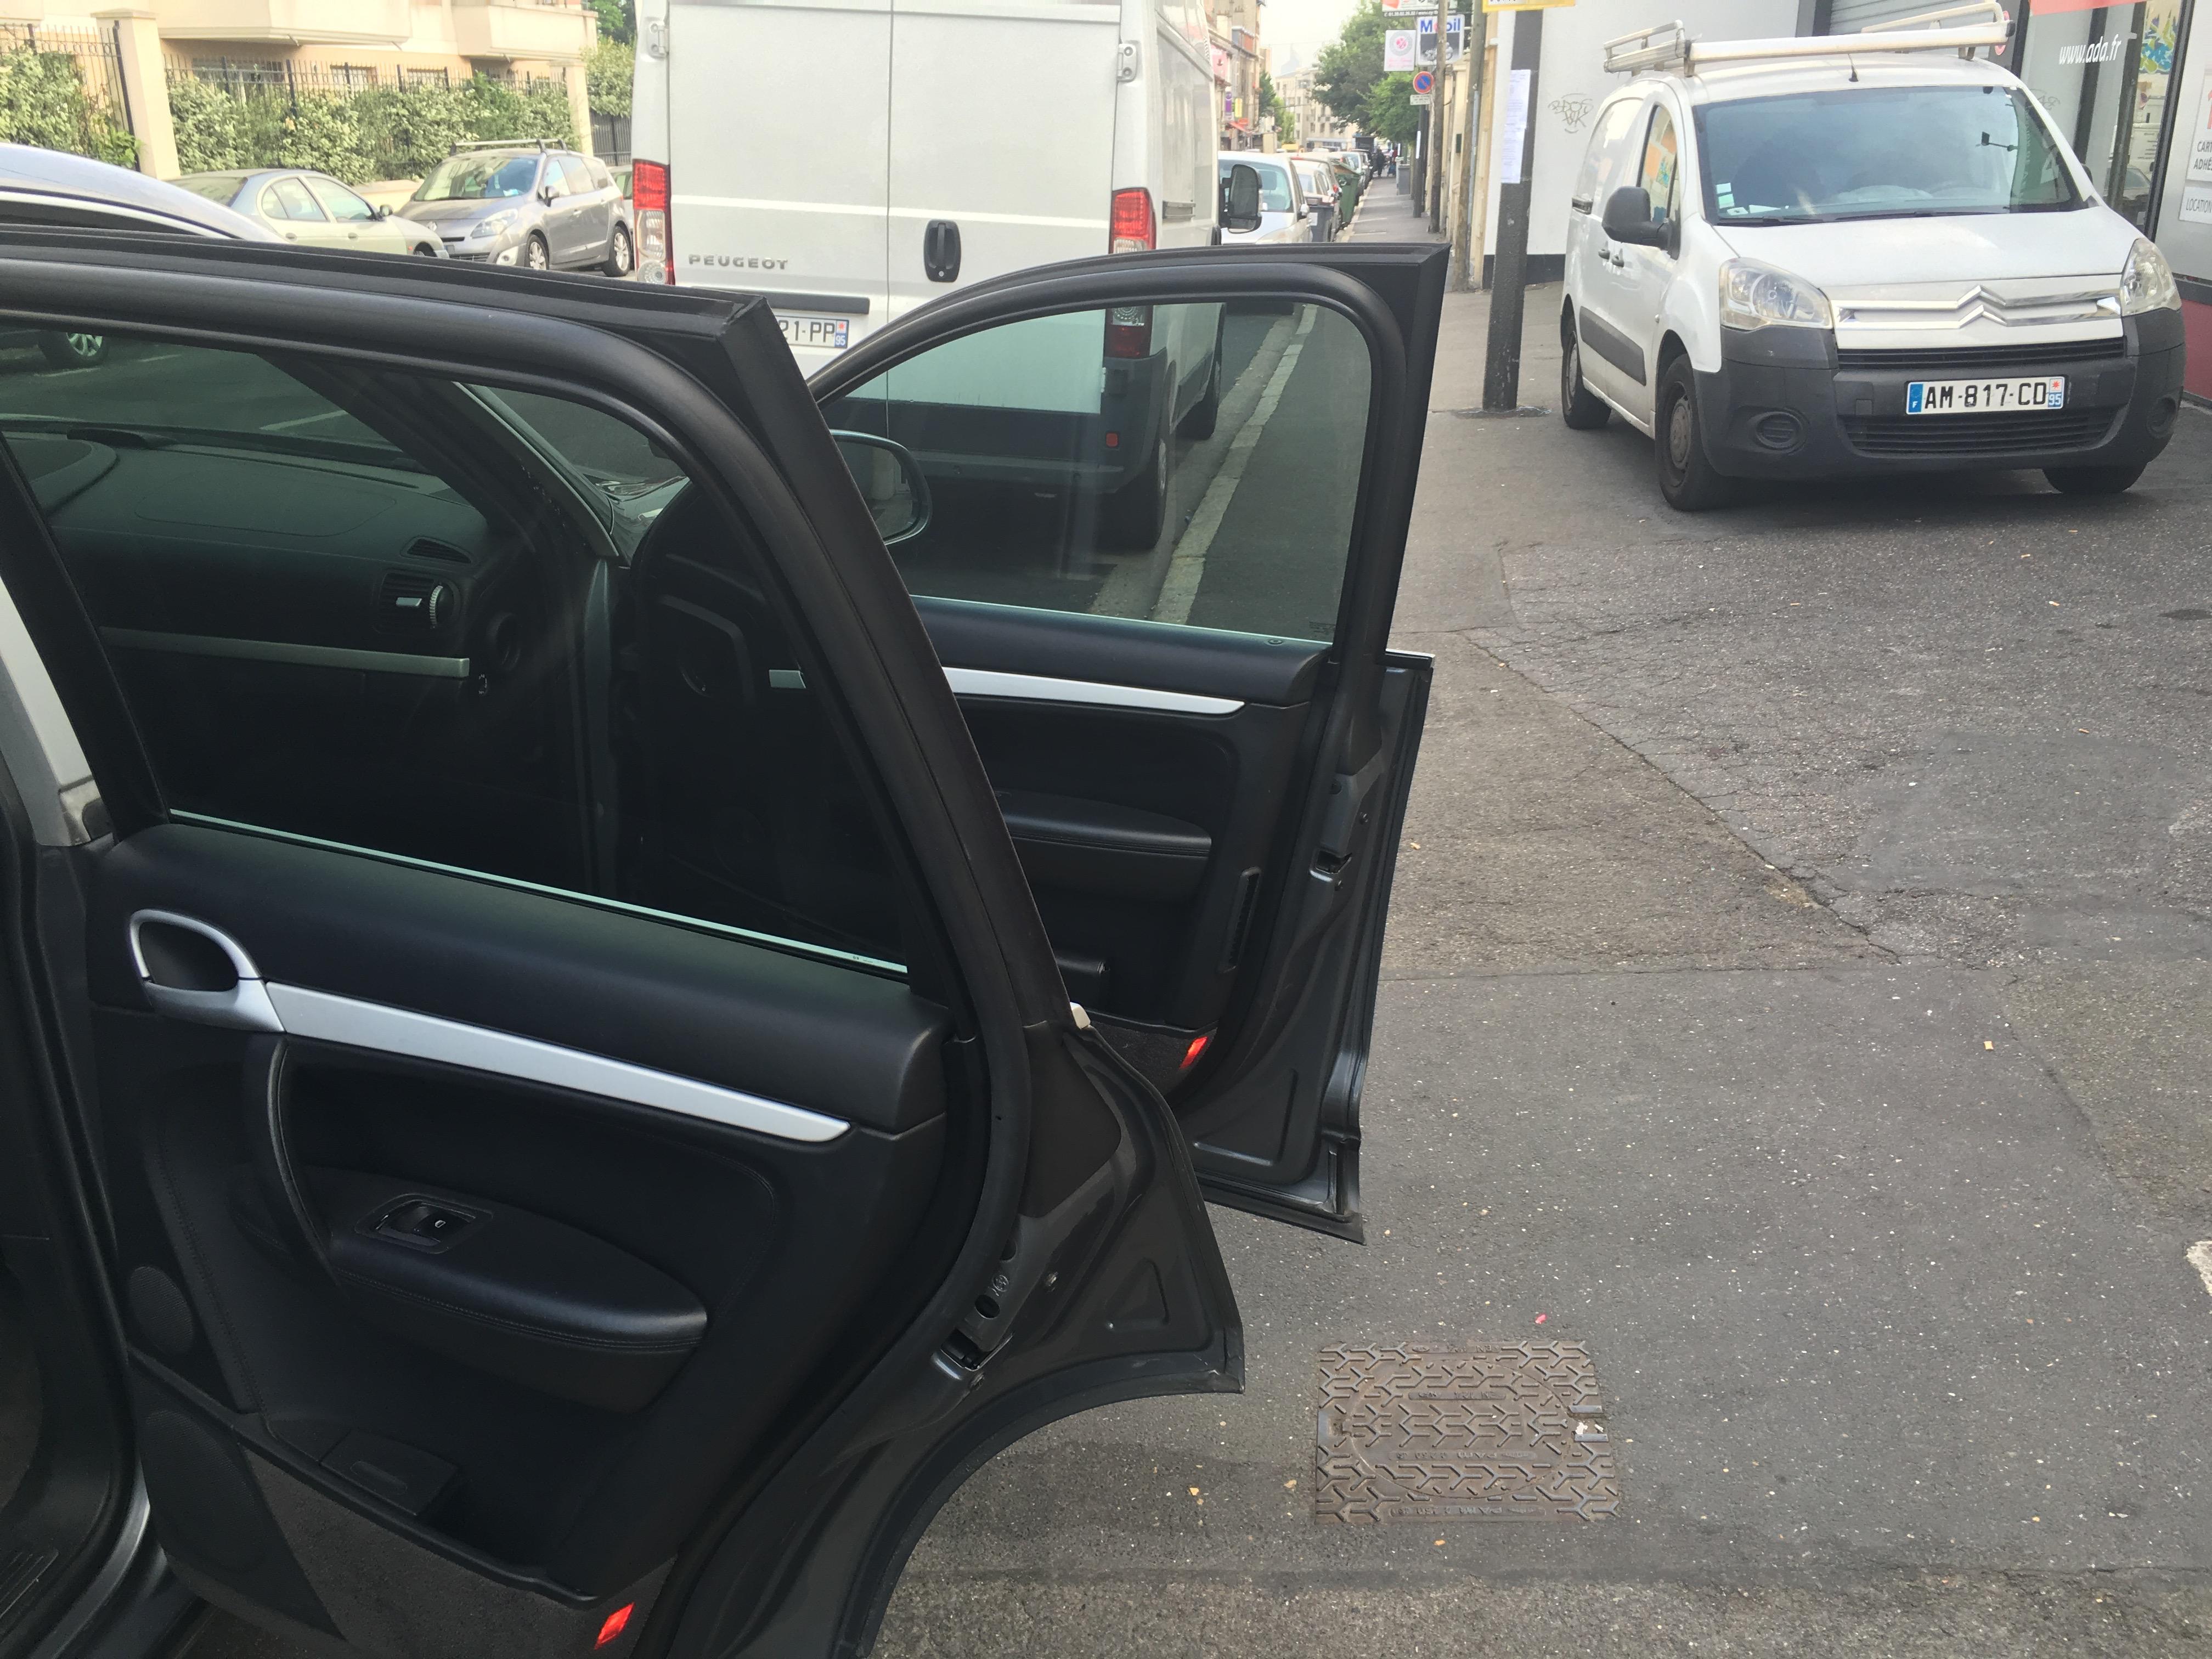 img 0184 vitre teint e automobile pose vitres teint es pour voiture autofilms sp cialise. Black Bedroom Furniture Sets. Home Design Ideas